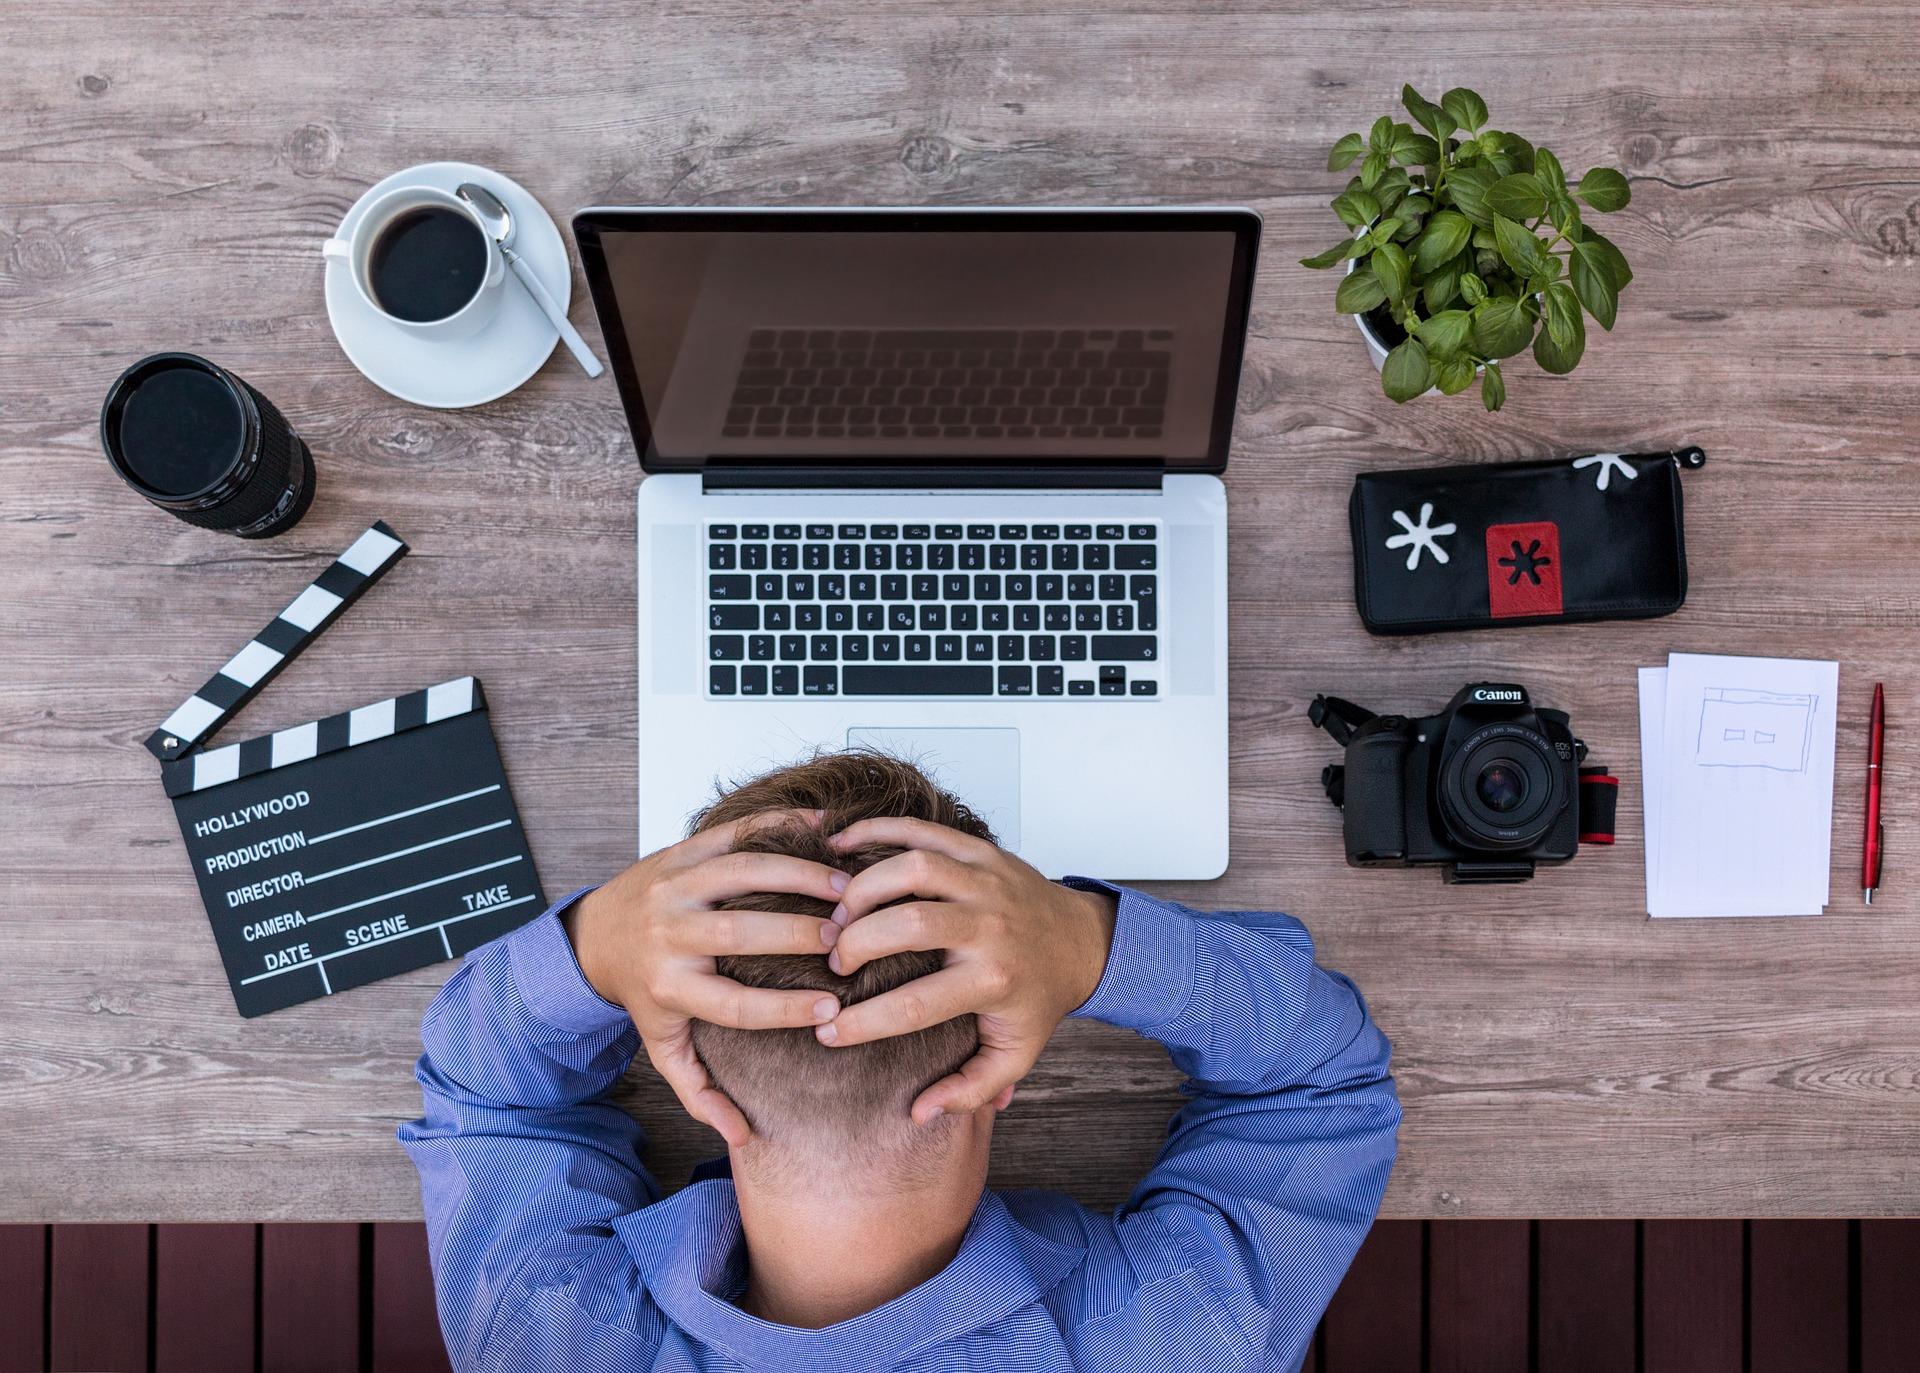 Autoentrepreneuriat, société unipersonnelle ou portage salarial… Quel statut choisiriez-vous pour créer votre entreprise ?